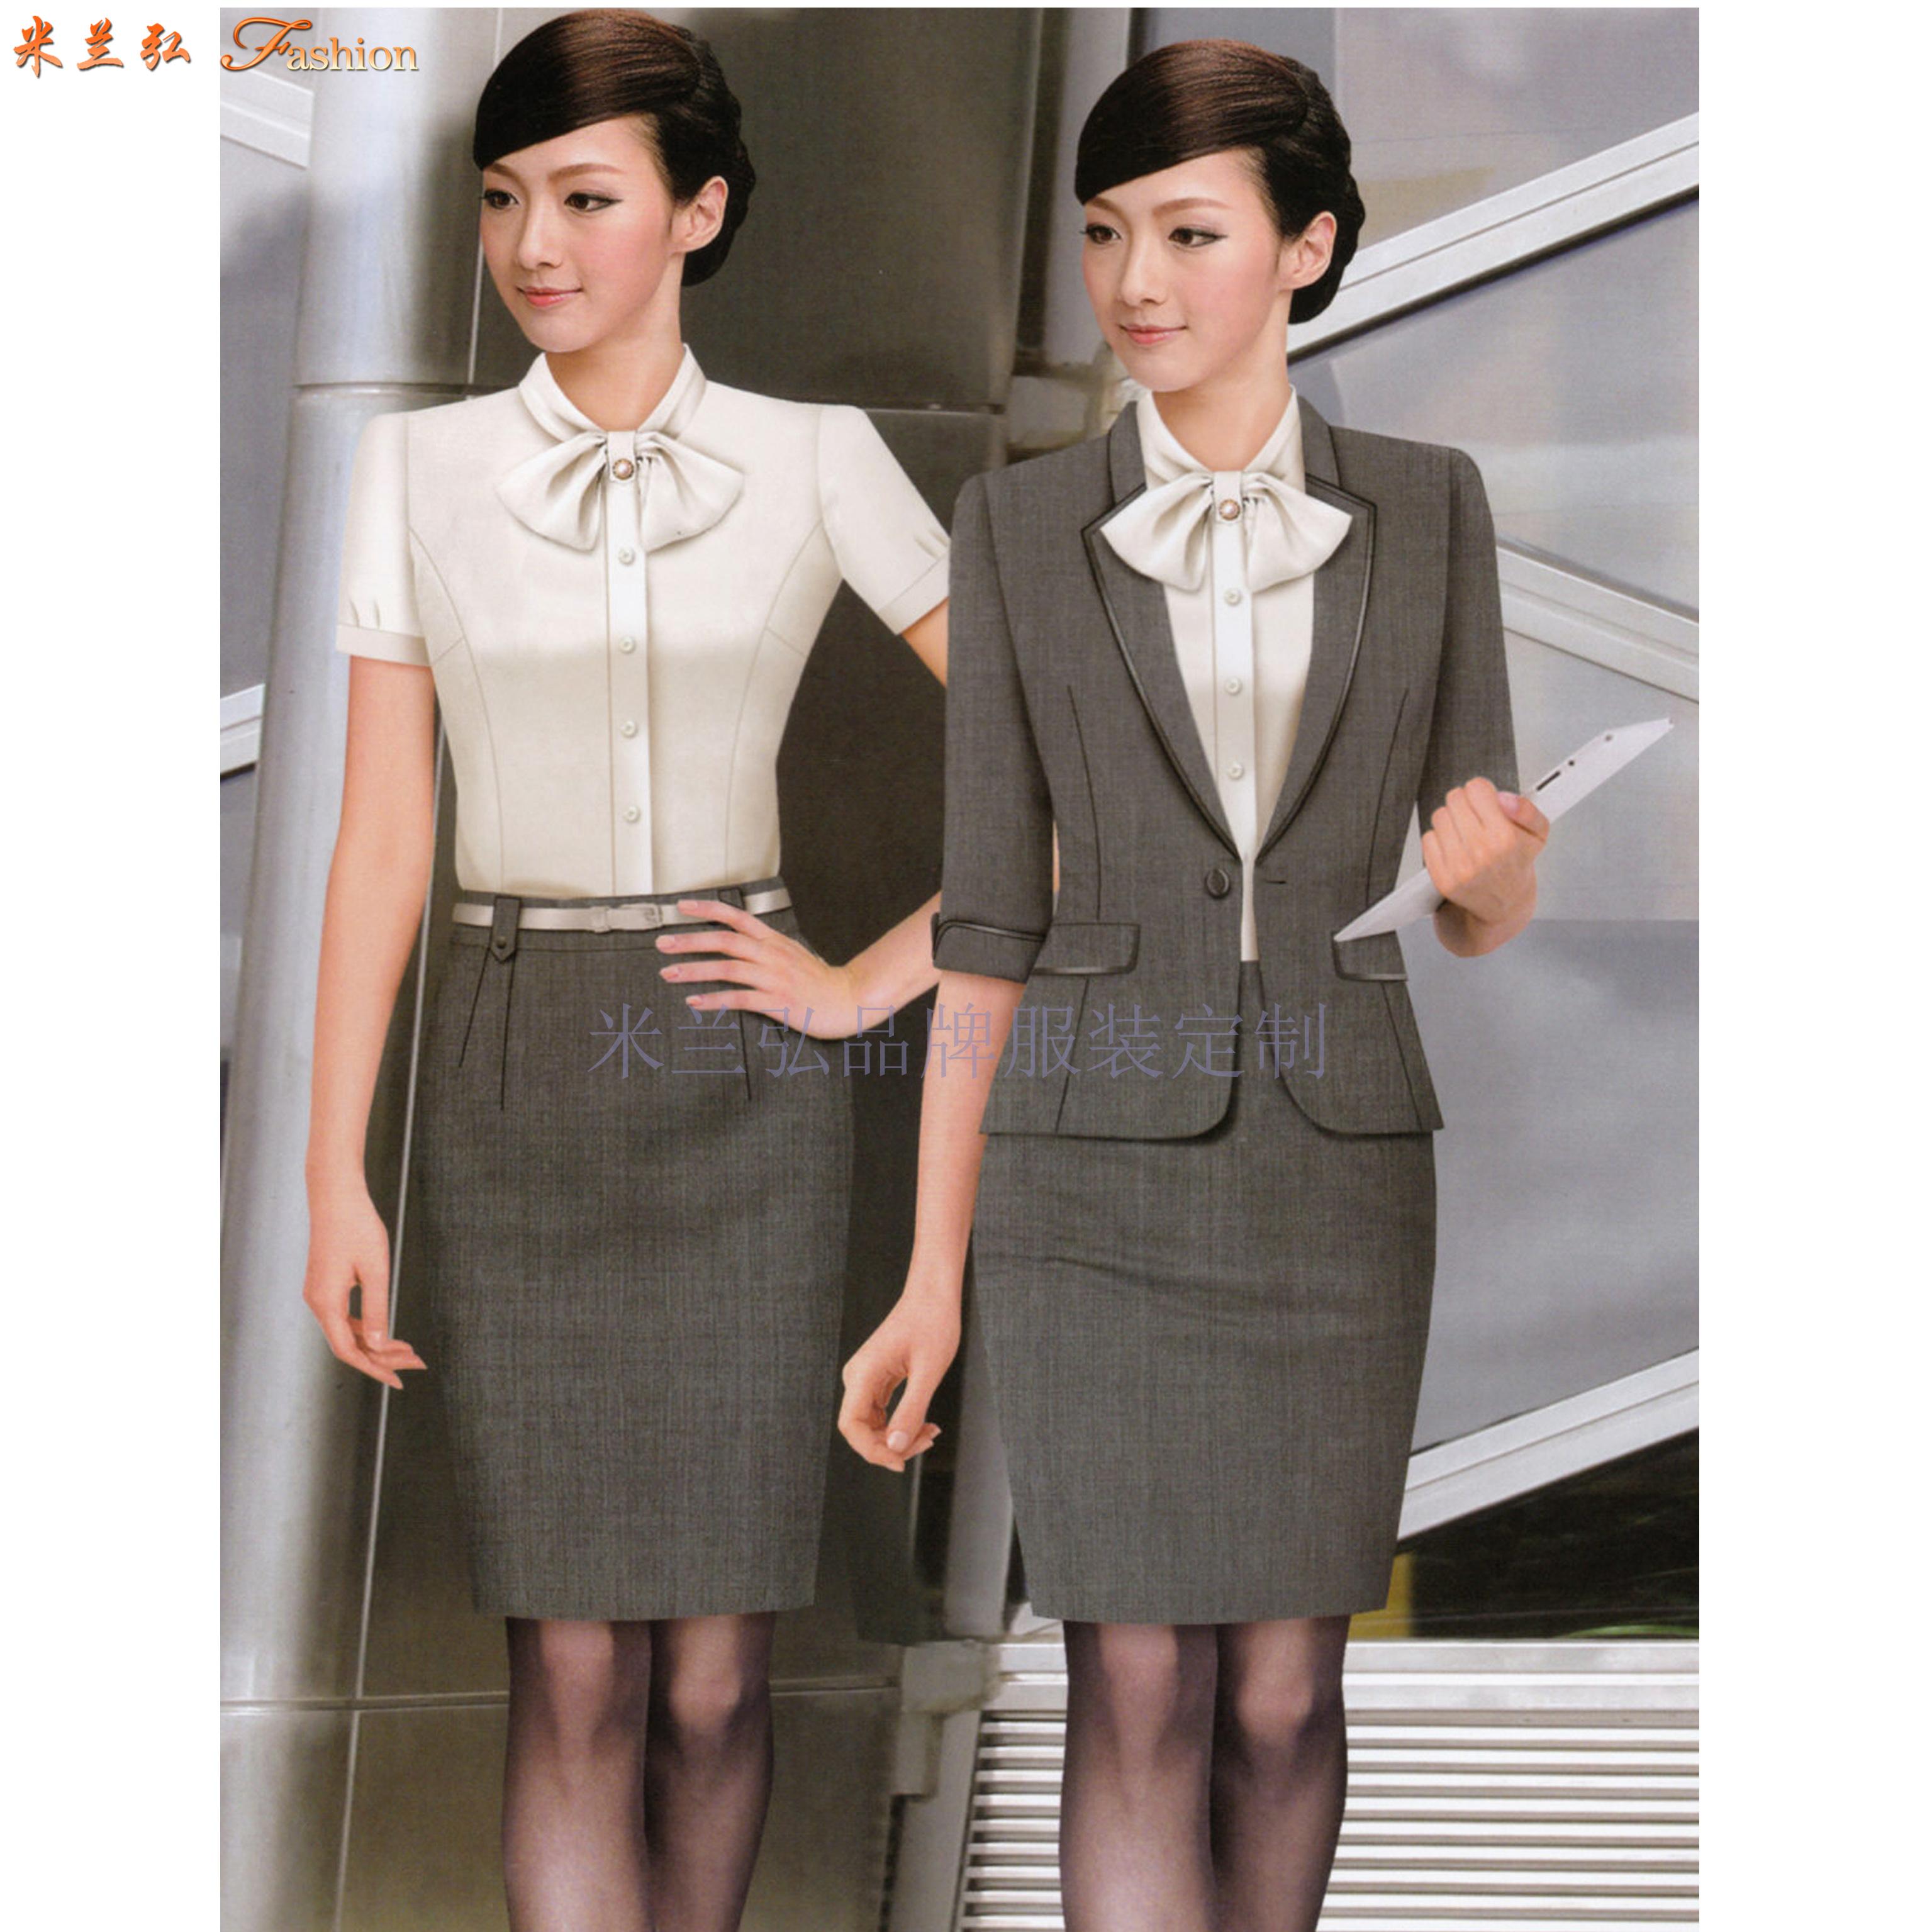 「职业装」北京量身定制订做通勤职业装的靠谱公司-米兰弘服装-2